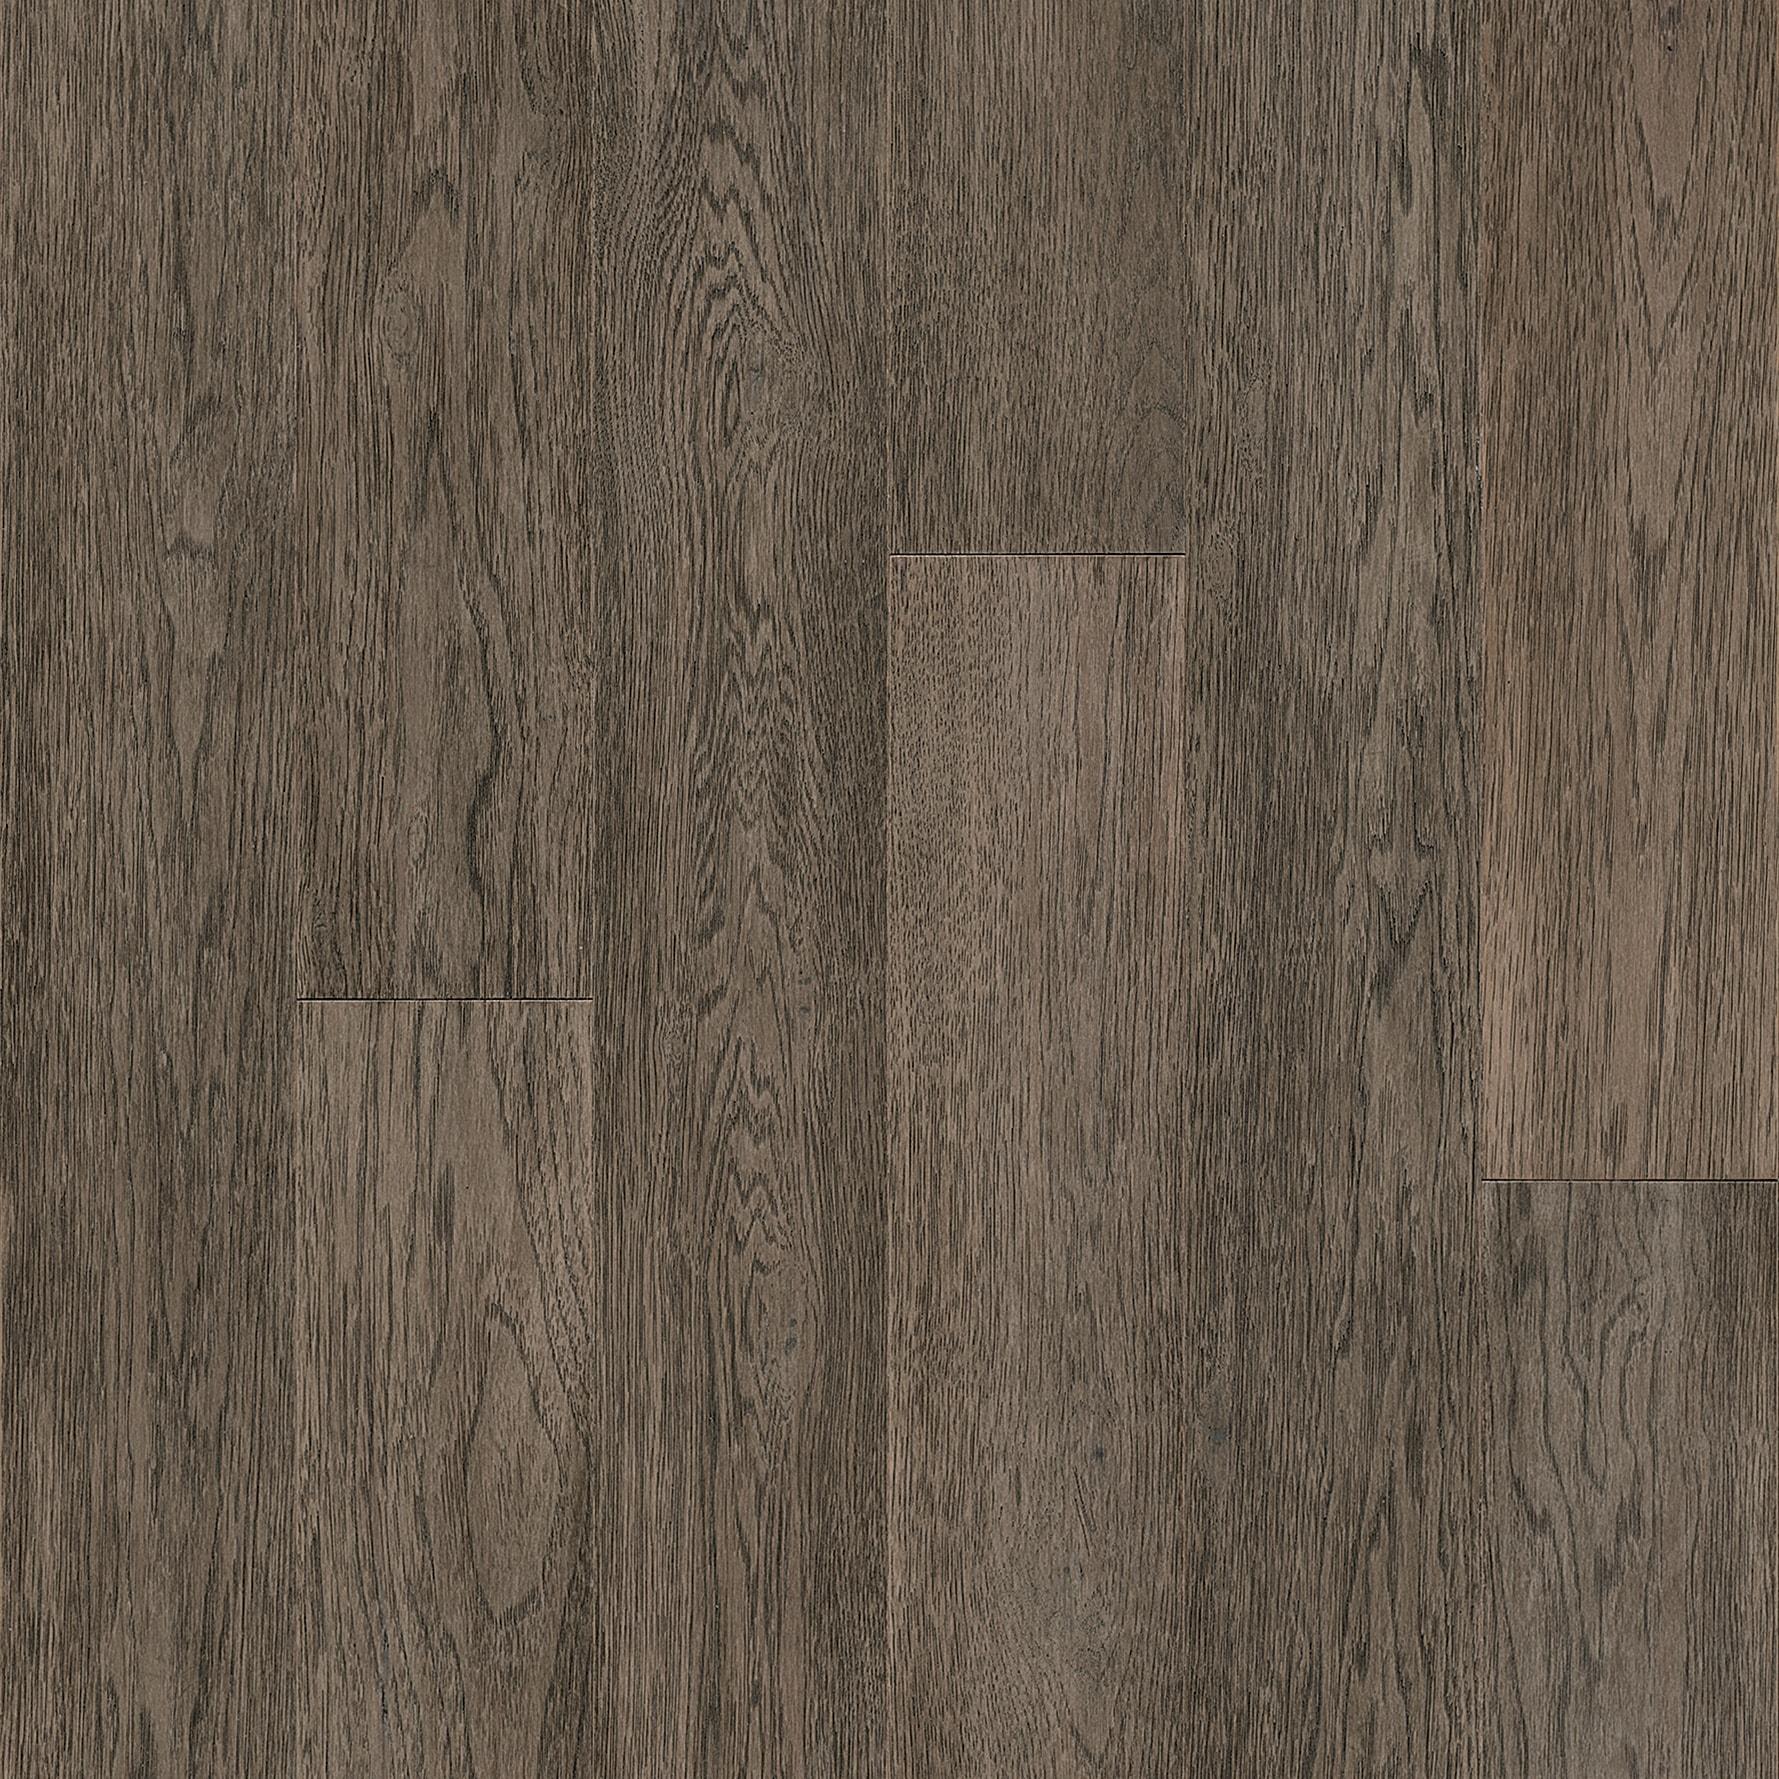 Taupe hardwood floor